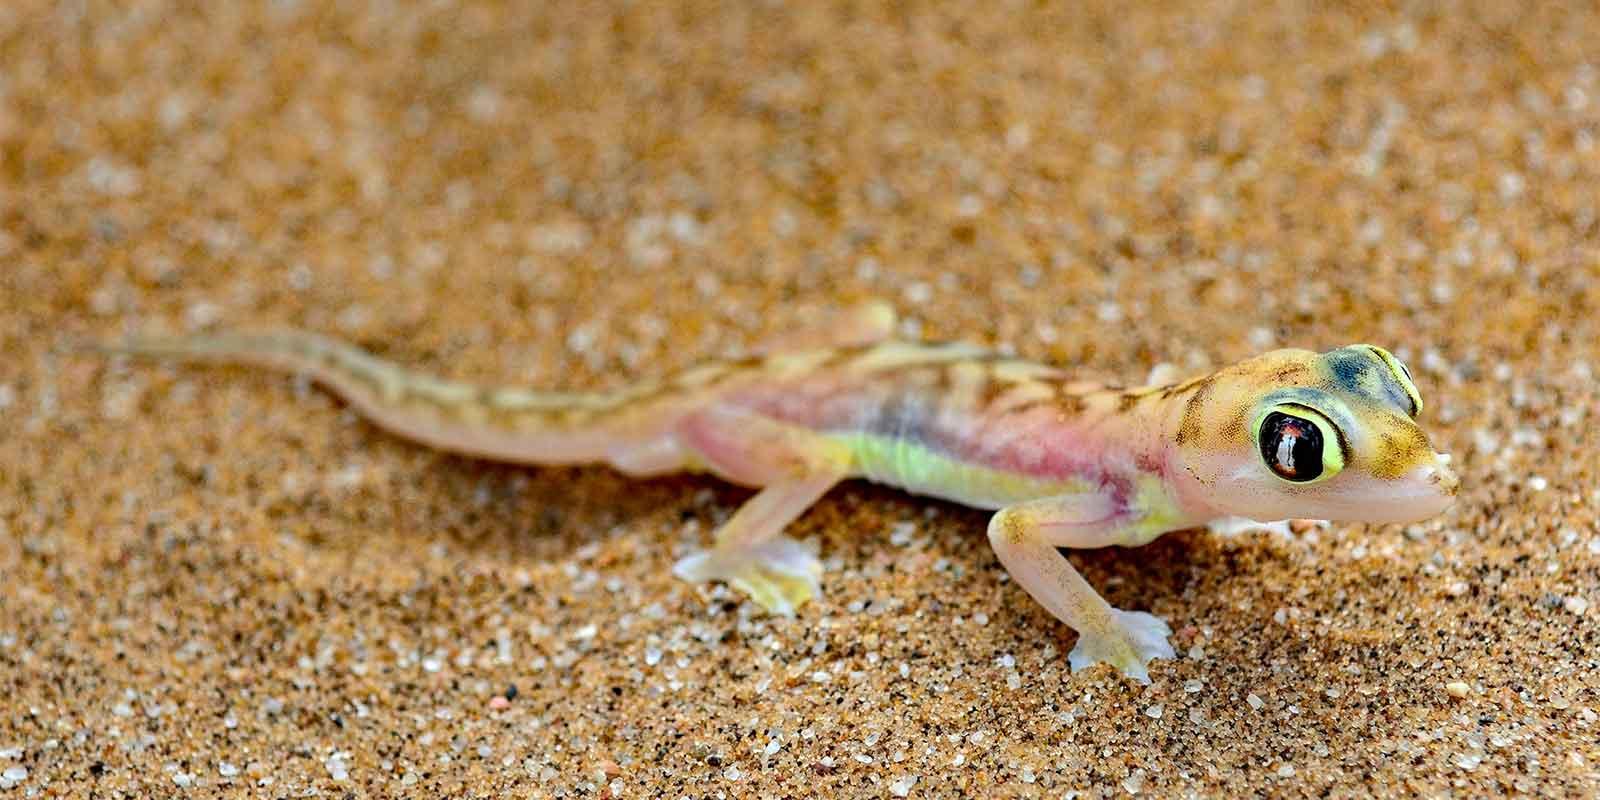 Gecko in Namibian desert